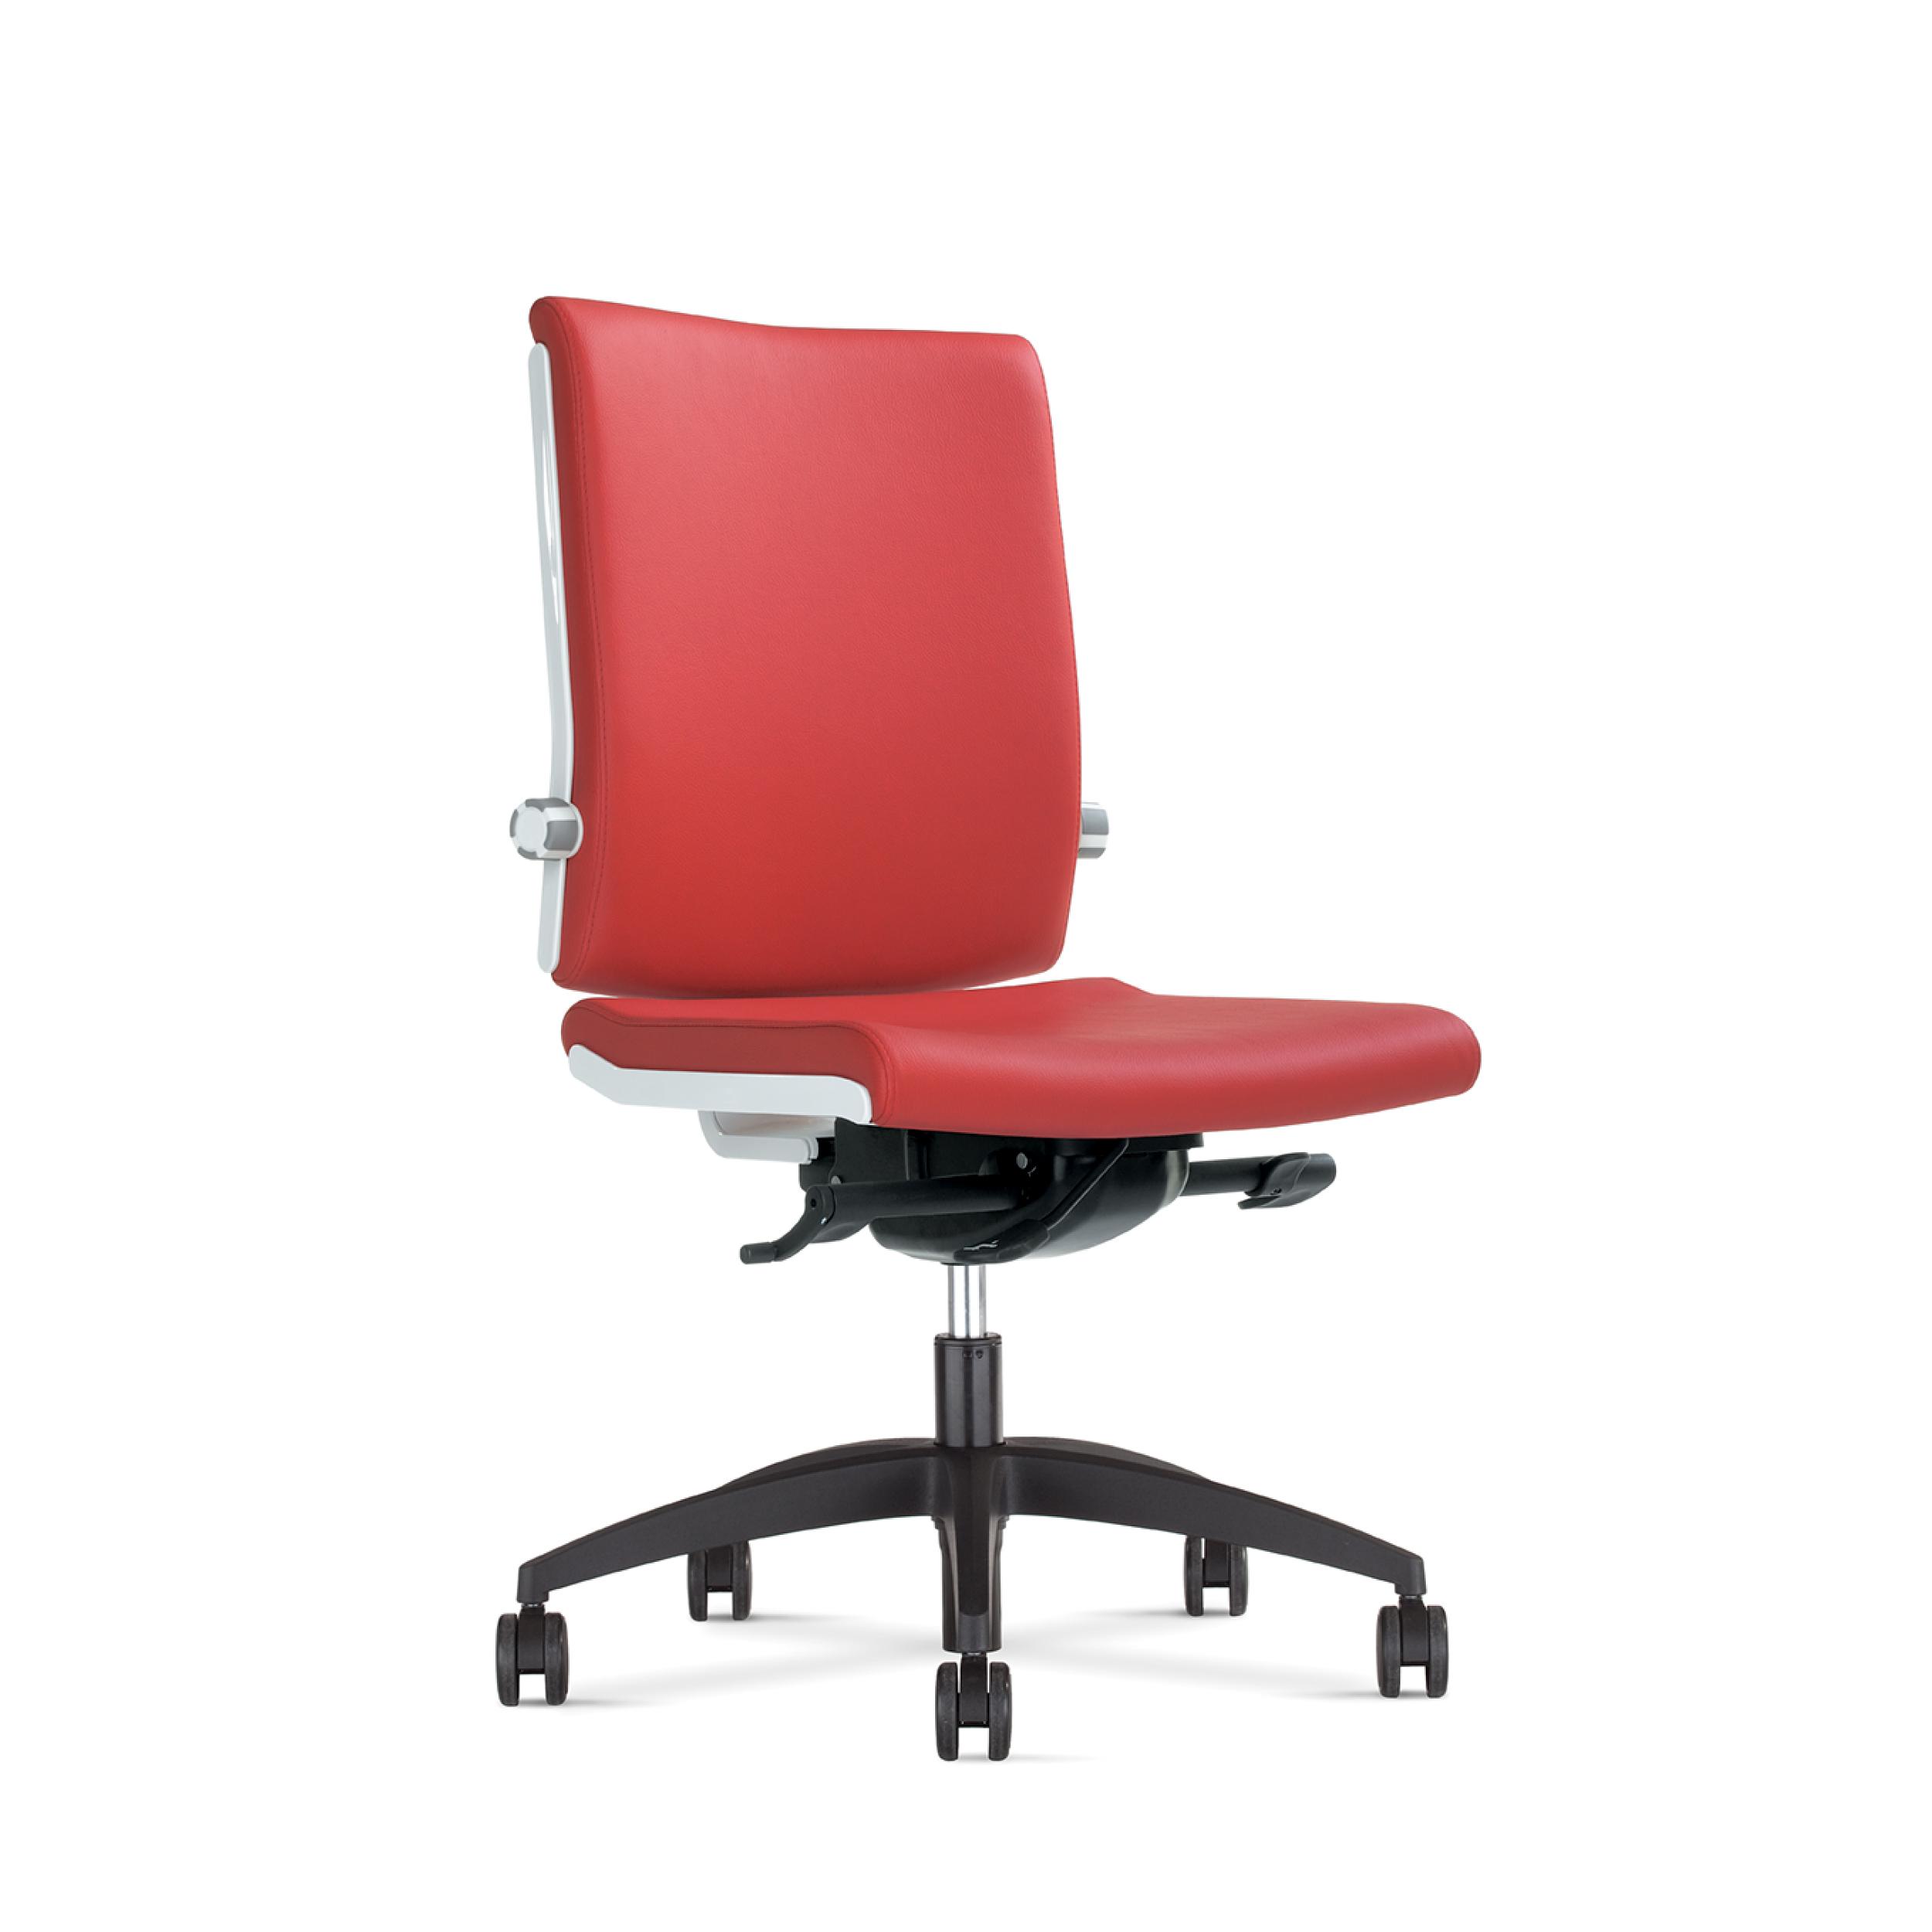 krzesło_Belite04